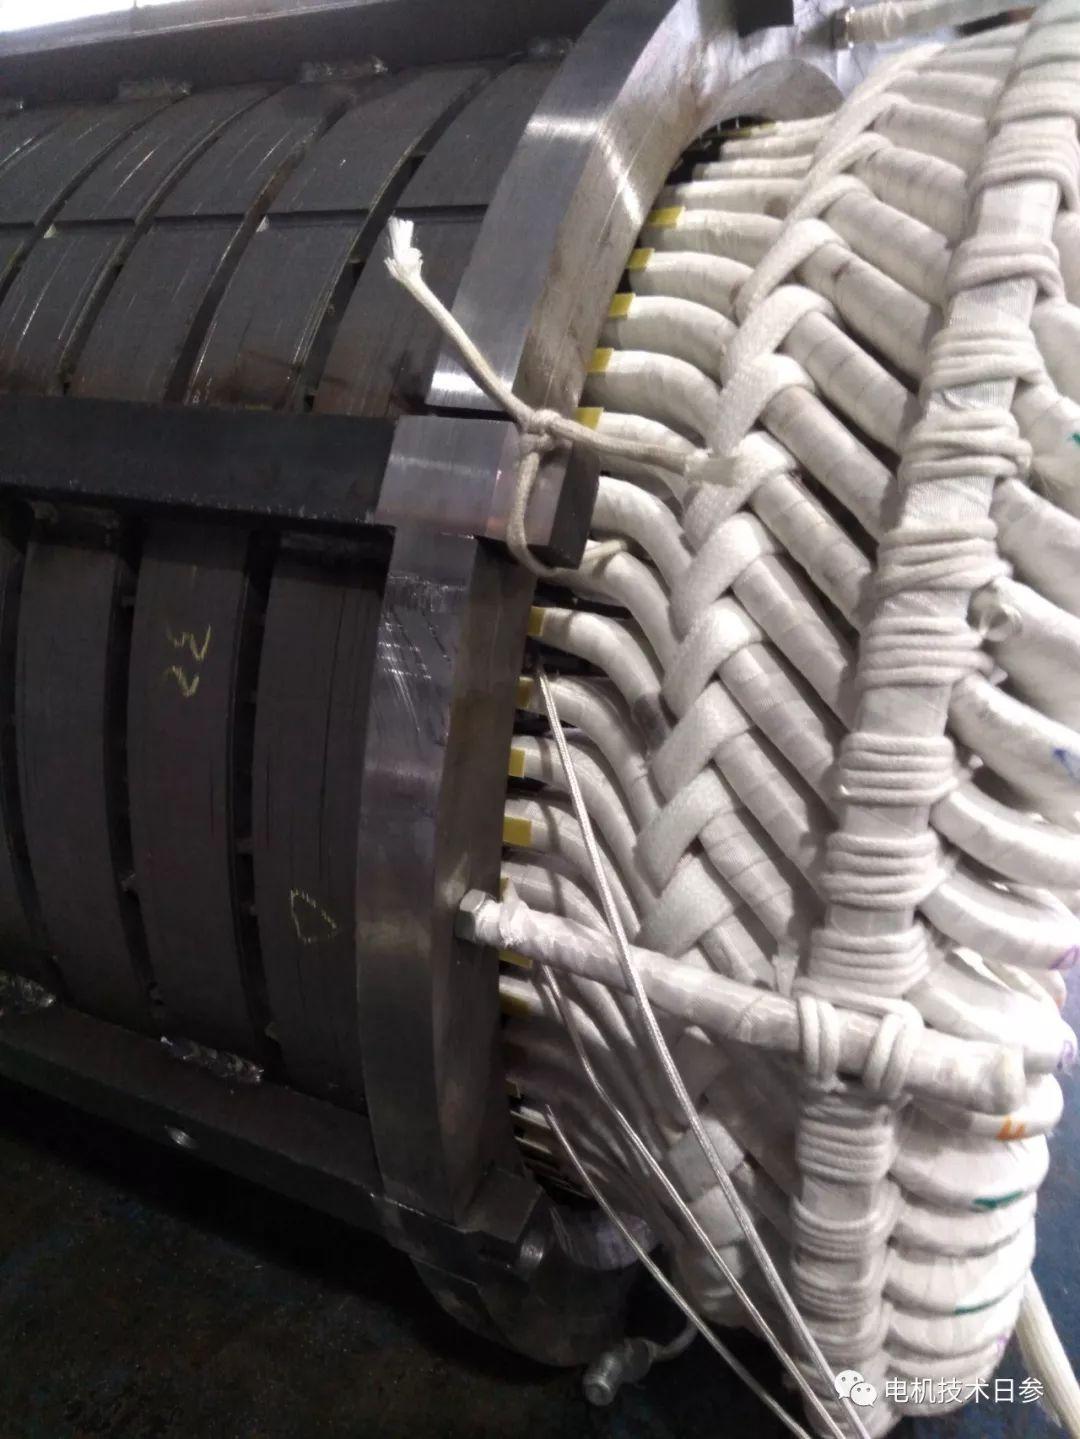 解决电机的振动问题一定要切中要害